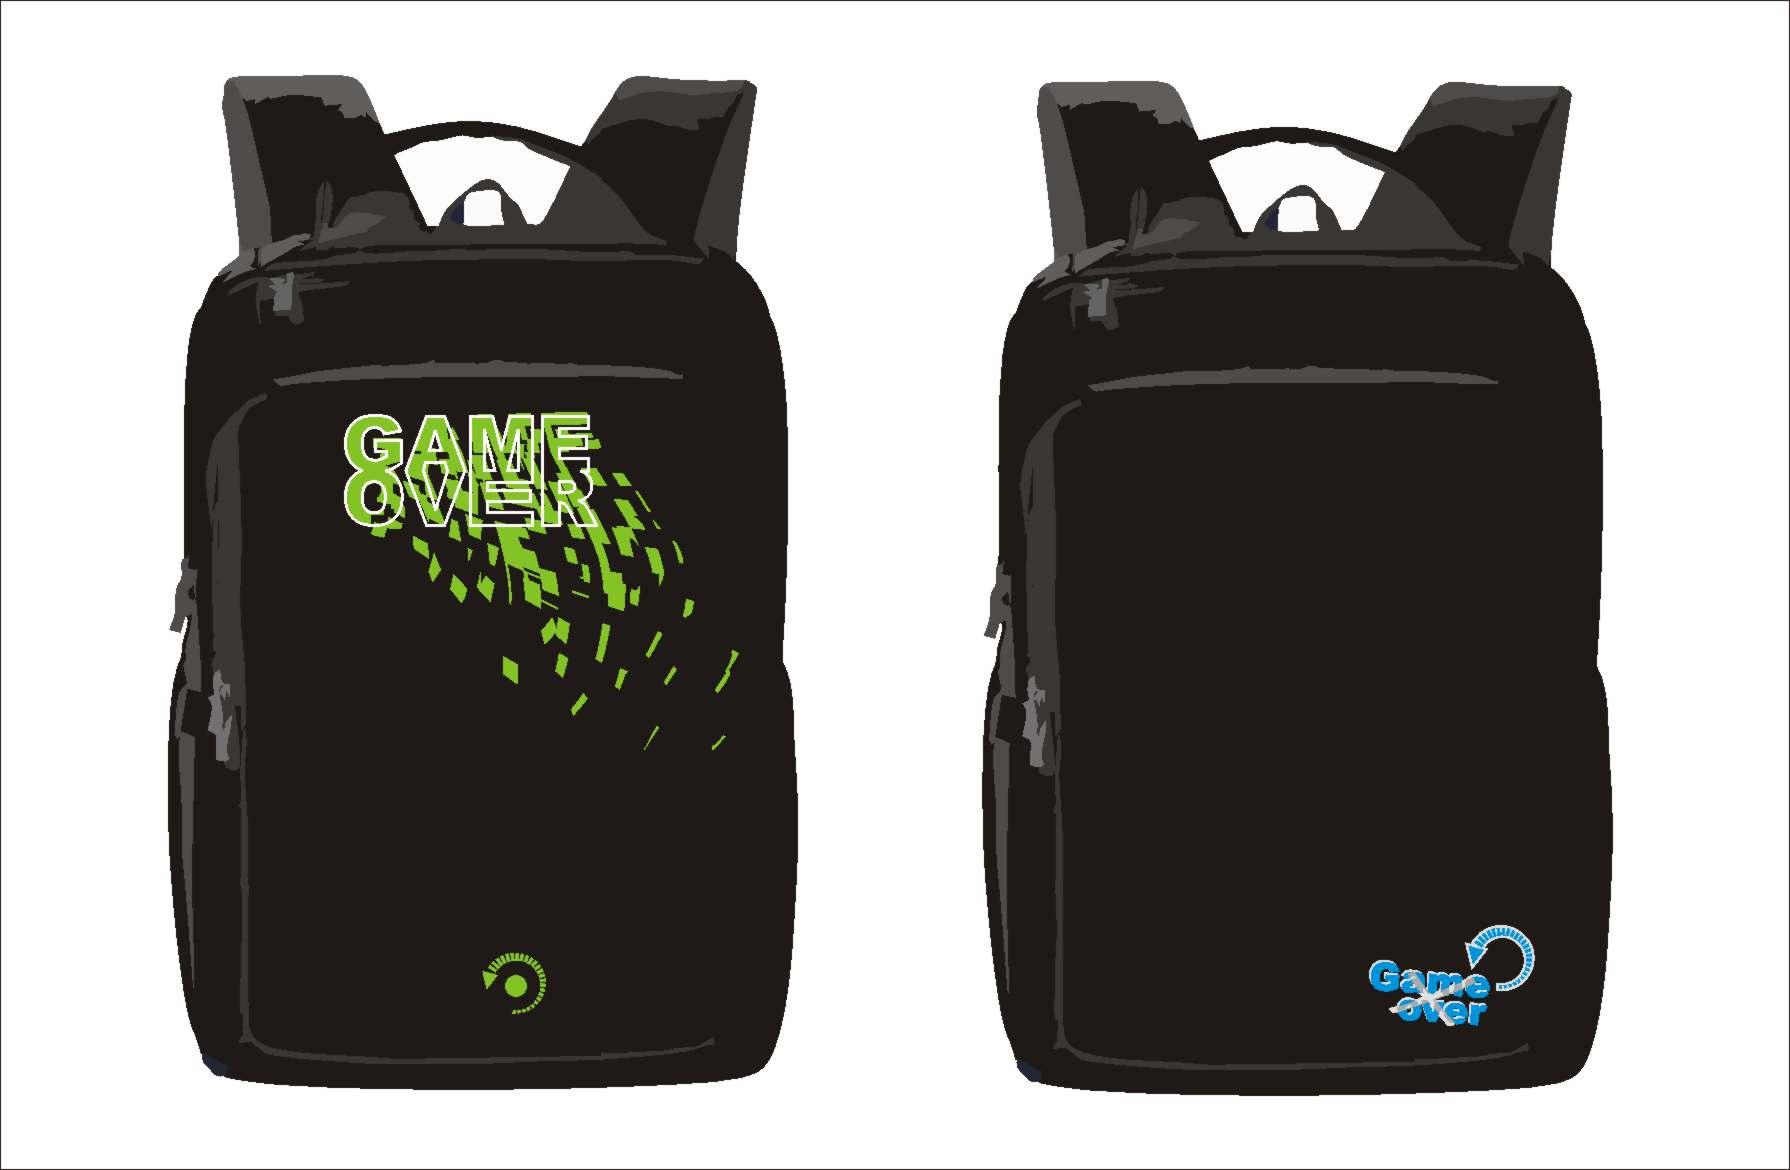 Конкурс на создание оригинального принта для рюкзаков фото f_5565f892a85dc3e9.jpg